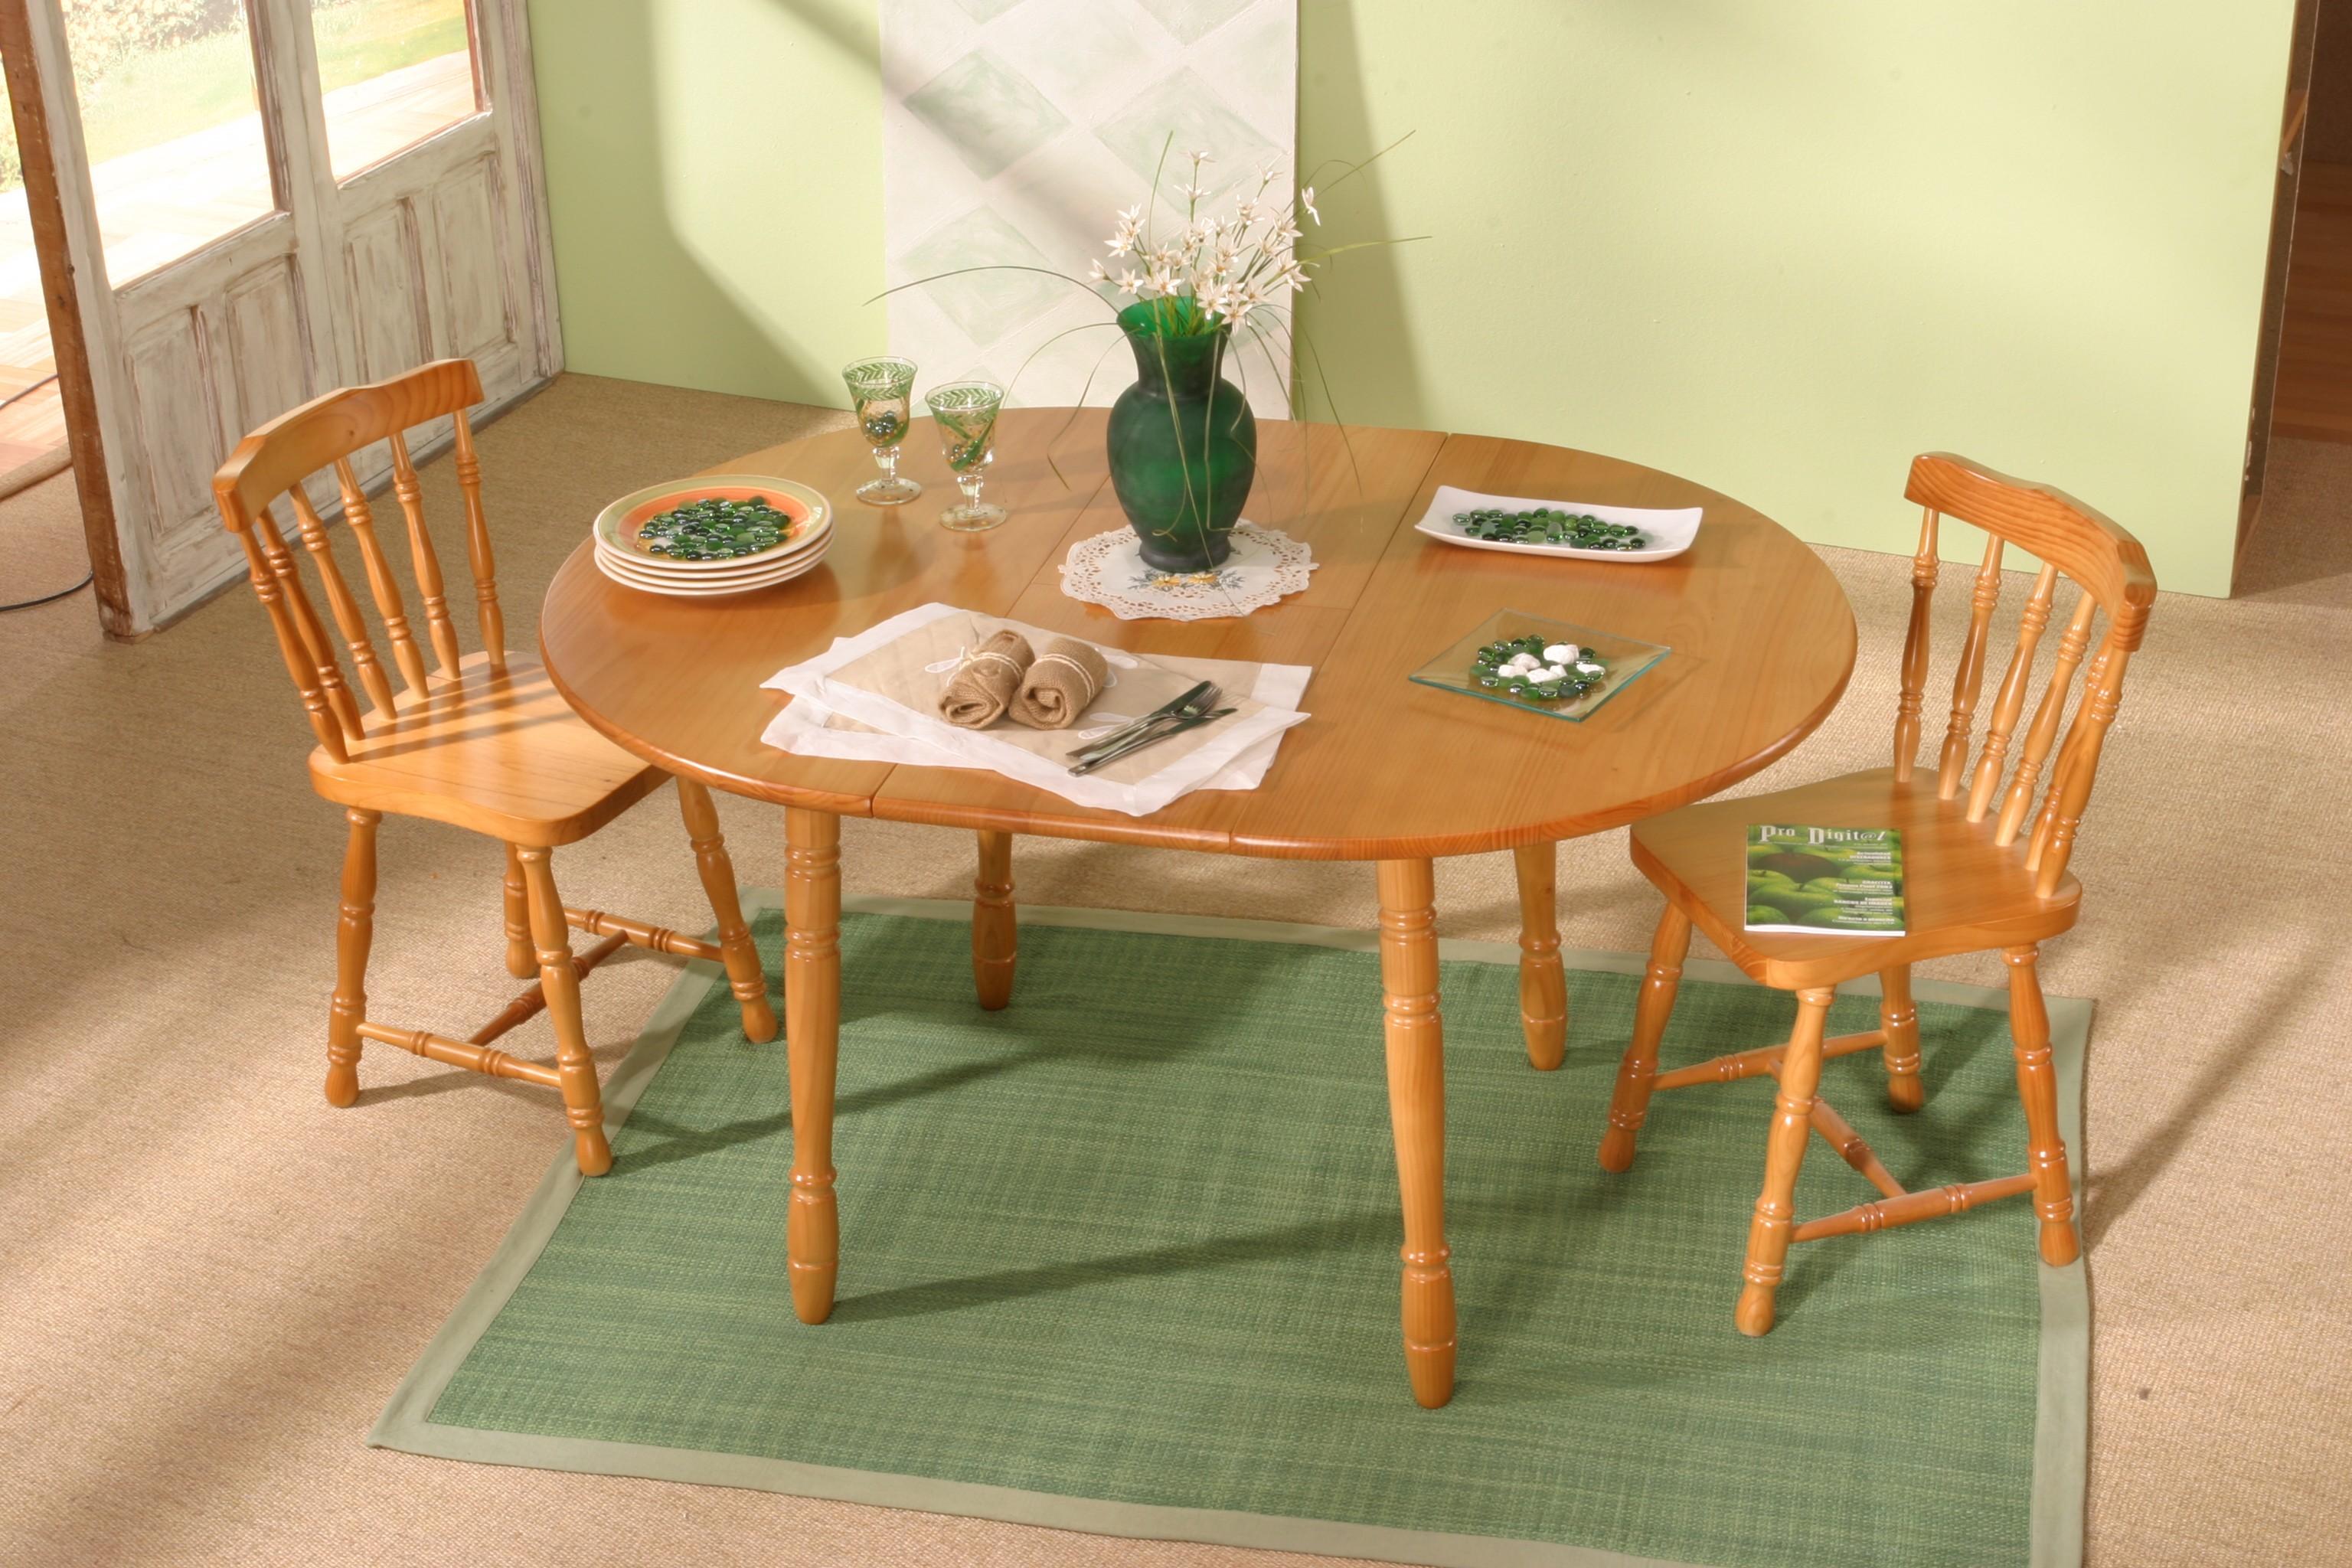 Sillas y mesa pino mib 01 muebles de pino dormitorios for Comedores mesas